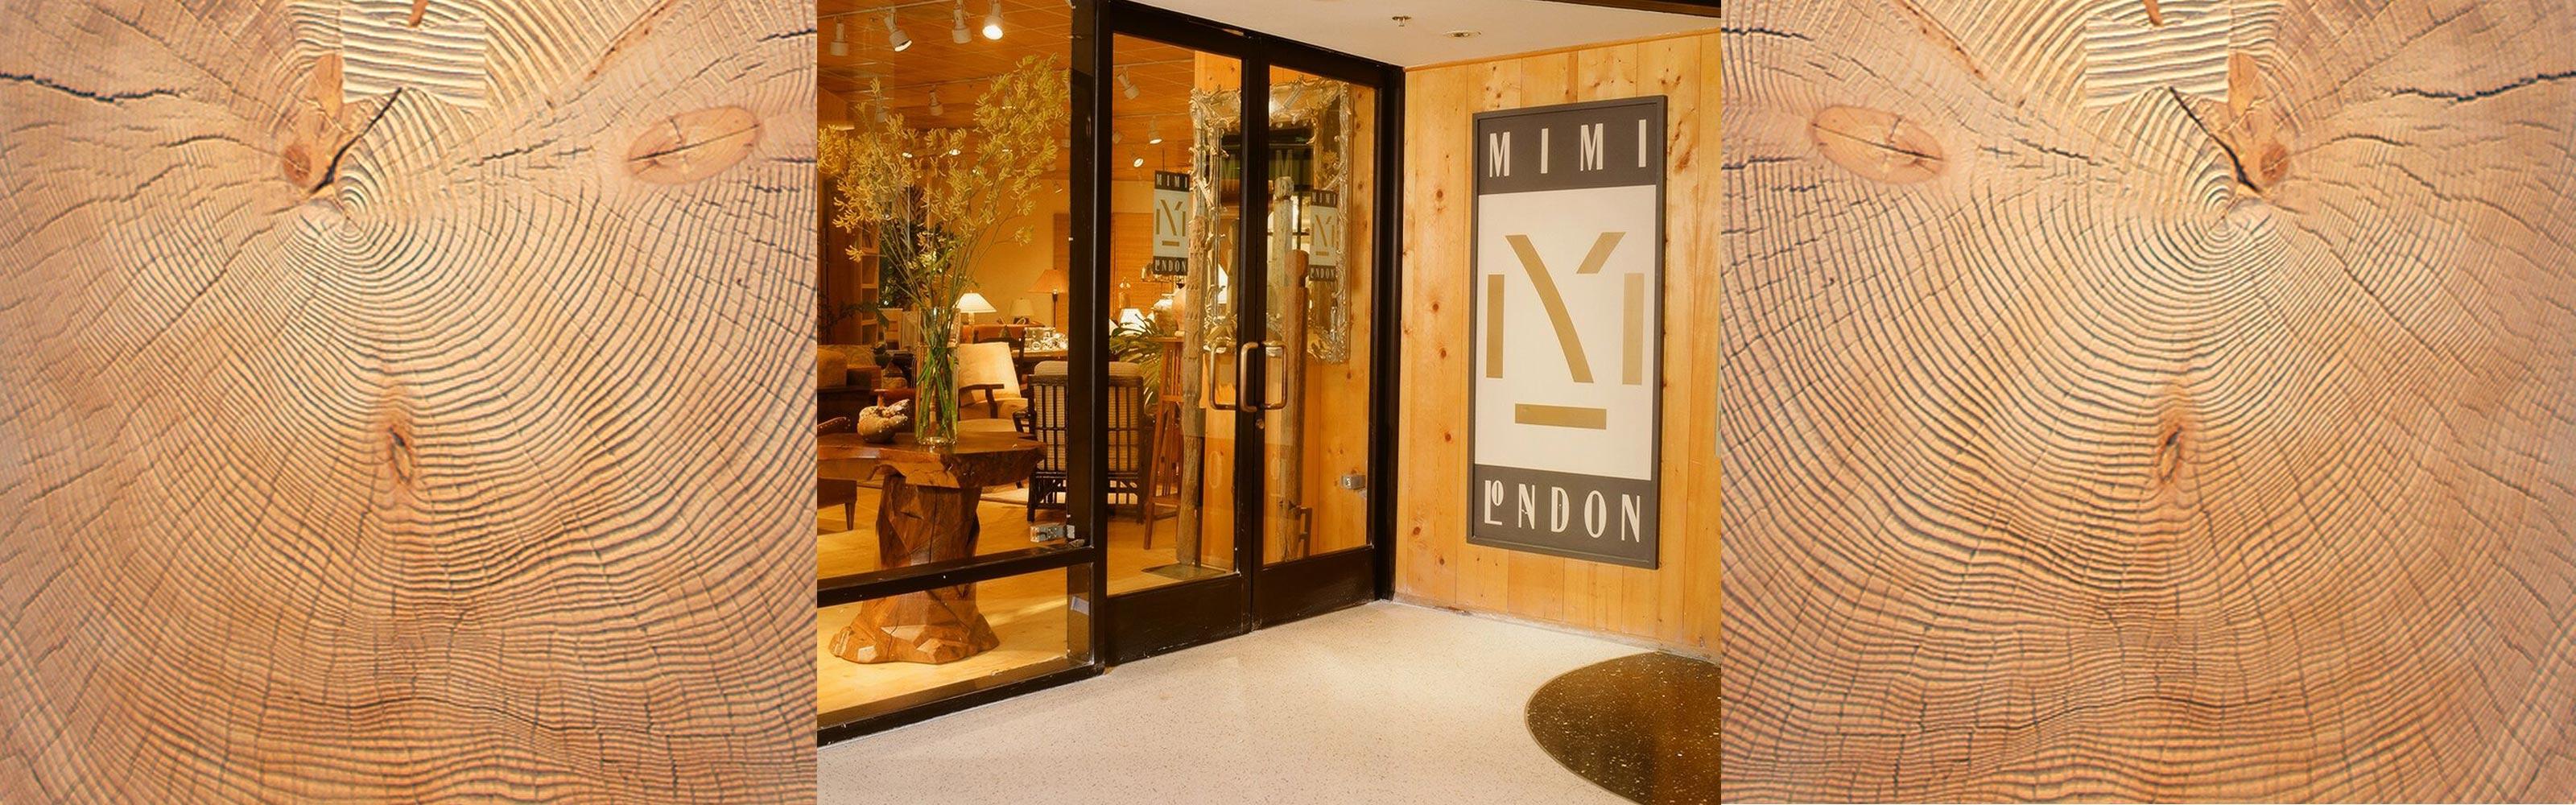 Mimi London Inc Pacific Design Center